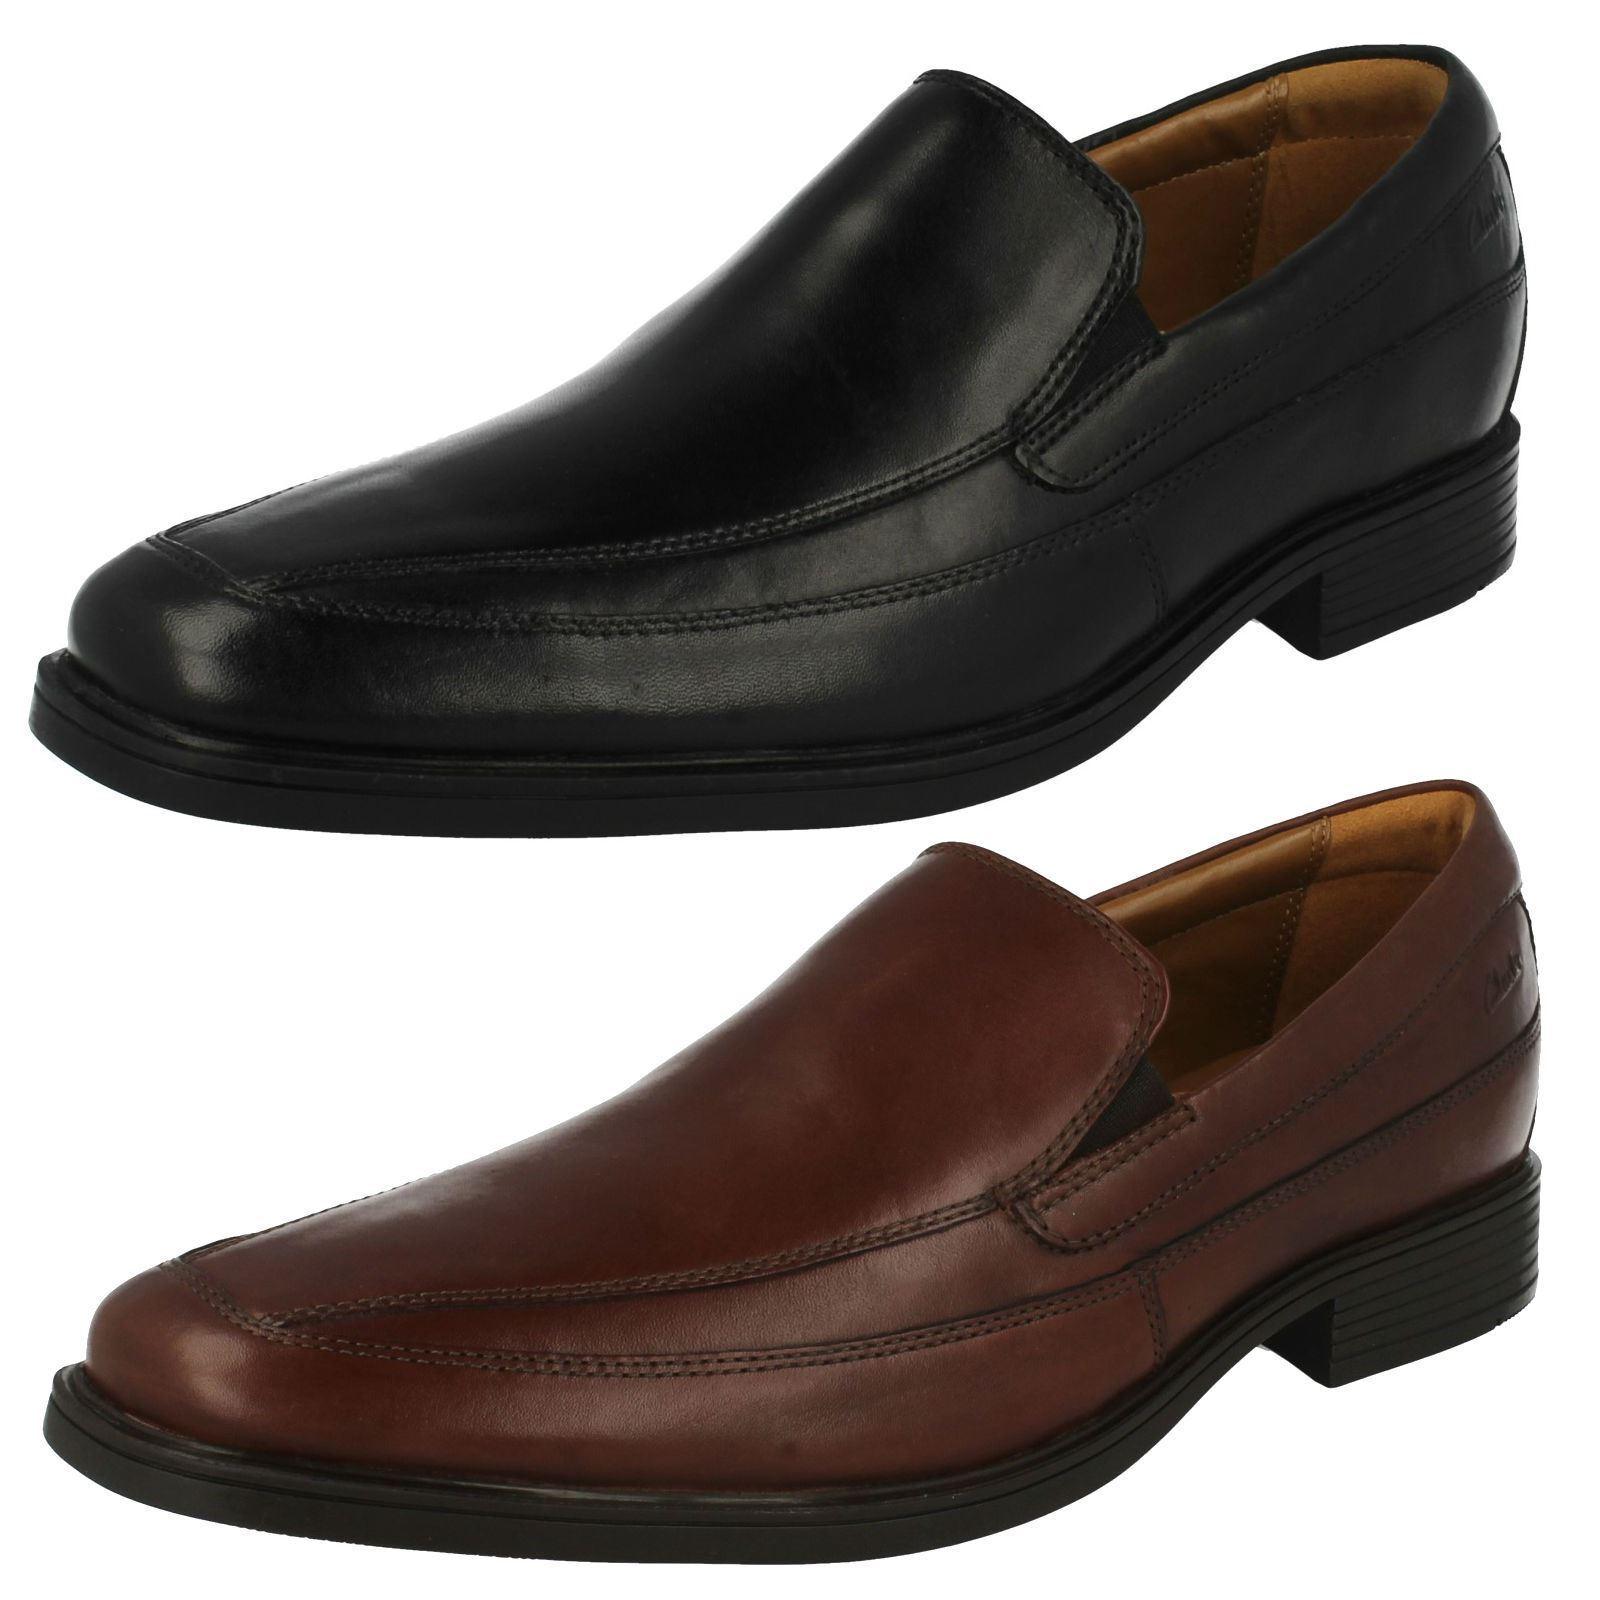 Men's/Women's feature Mens Clarks Formal Slip On Shoes *Tilden Free* feature Men's/Women's auction Superb craftsmanship HN2946 26d552